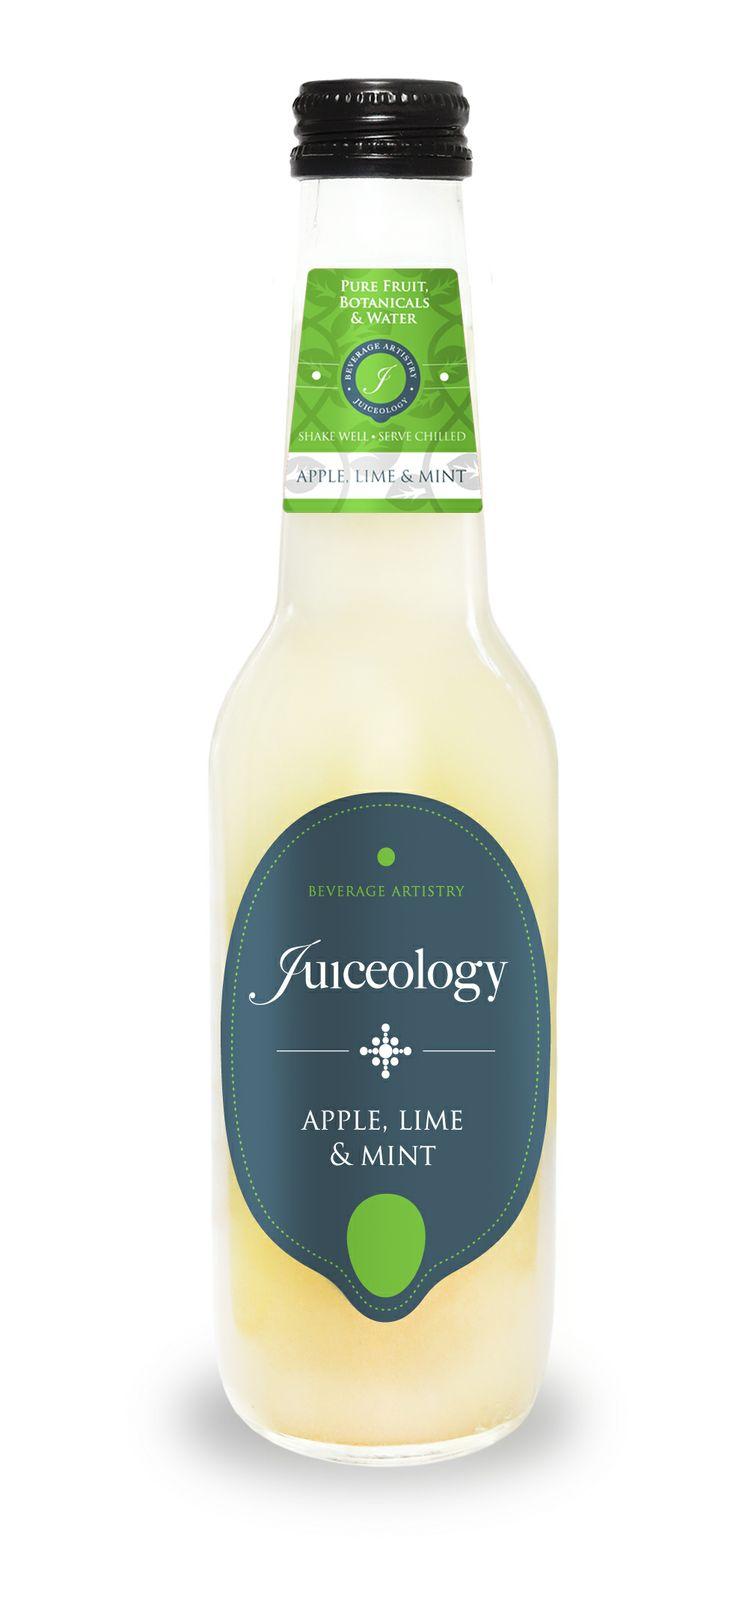 Juiceology äpple, lime och mynta är god till en måltid men även perfekt för att blanda en lyxig cocktail. Vad sägs om en Mojito? Läs mer på: http://beriksson.net/vara-varumarken/juiceology #juice #drycker #gourmet #naturligt #mojito #mixologi #cocktails #drinkar #juiceology